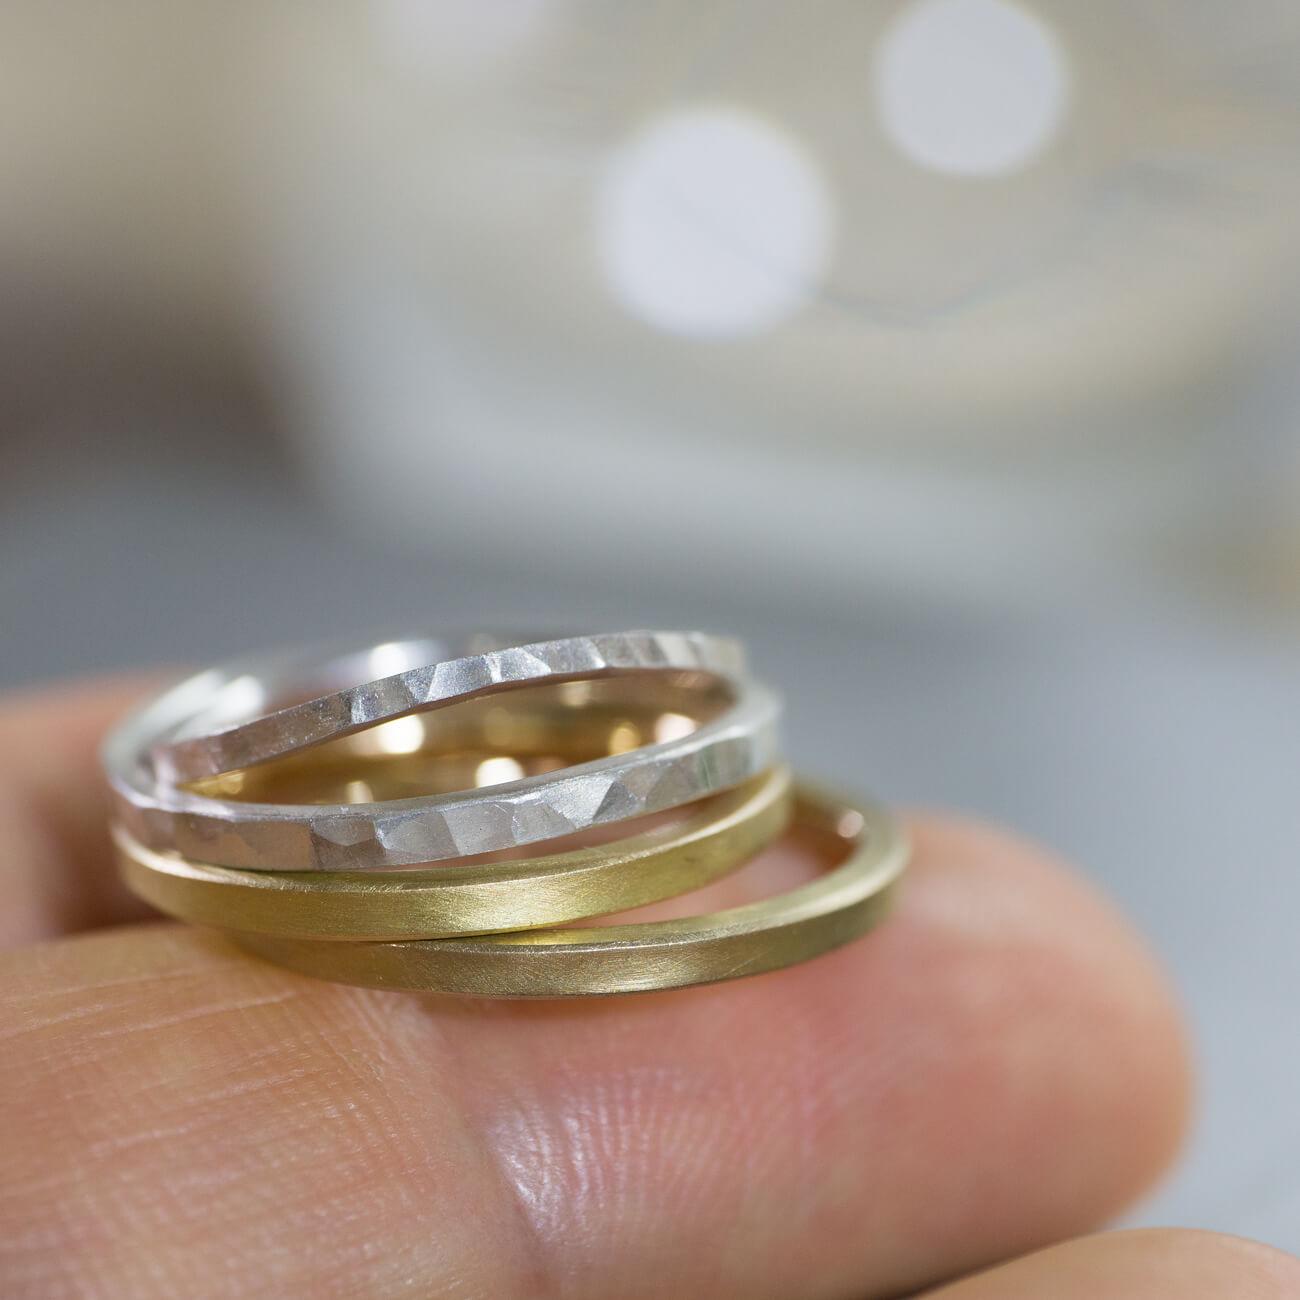 指の上に結婚指輪のサンプル ジュエリーのアトリエ シルバー、ゴールド 屋久島でつくる結婚指輪